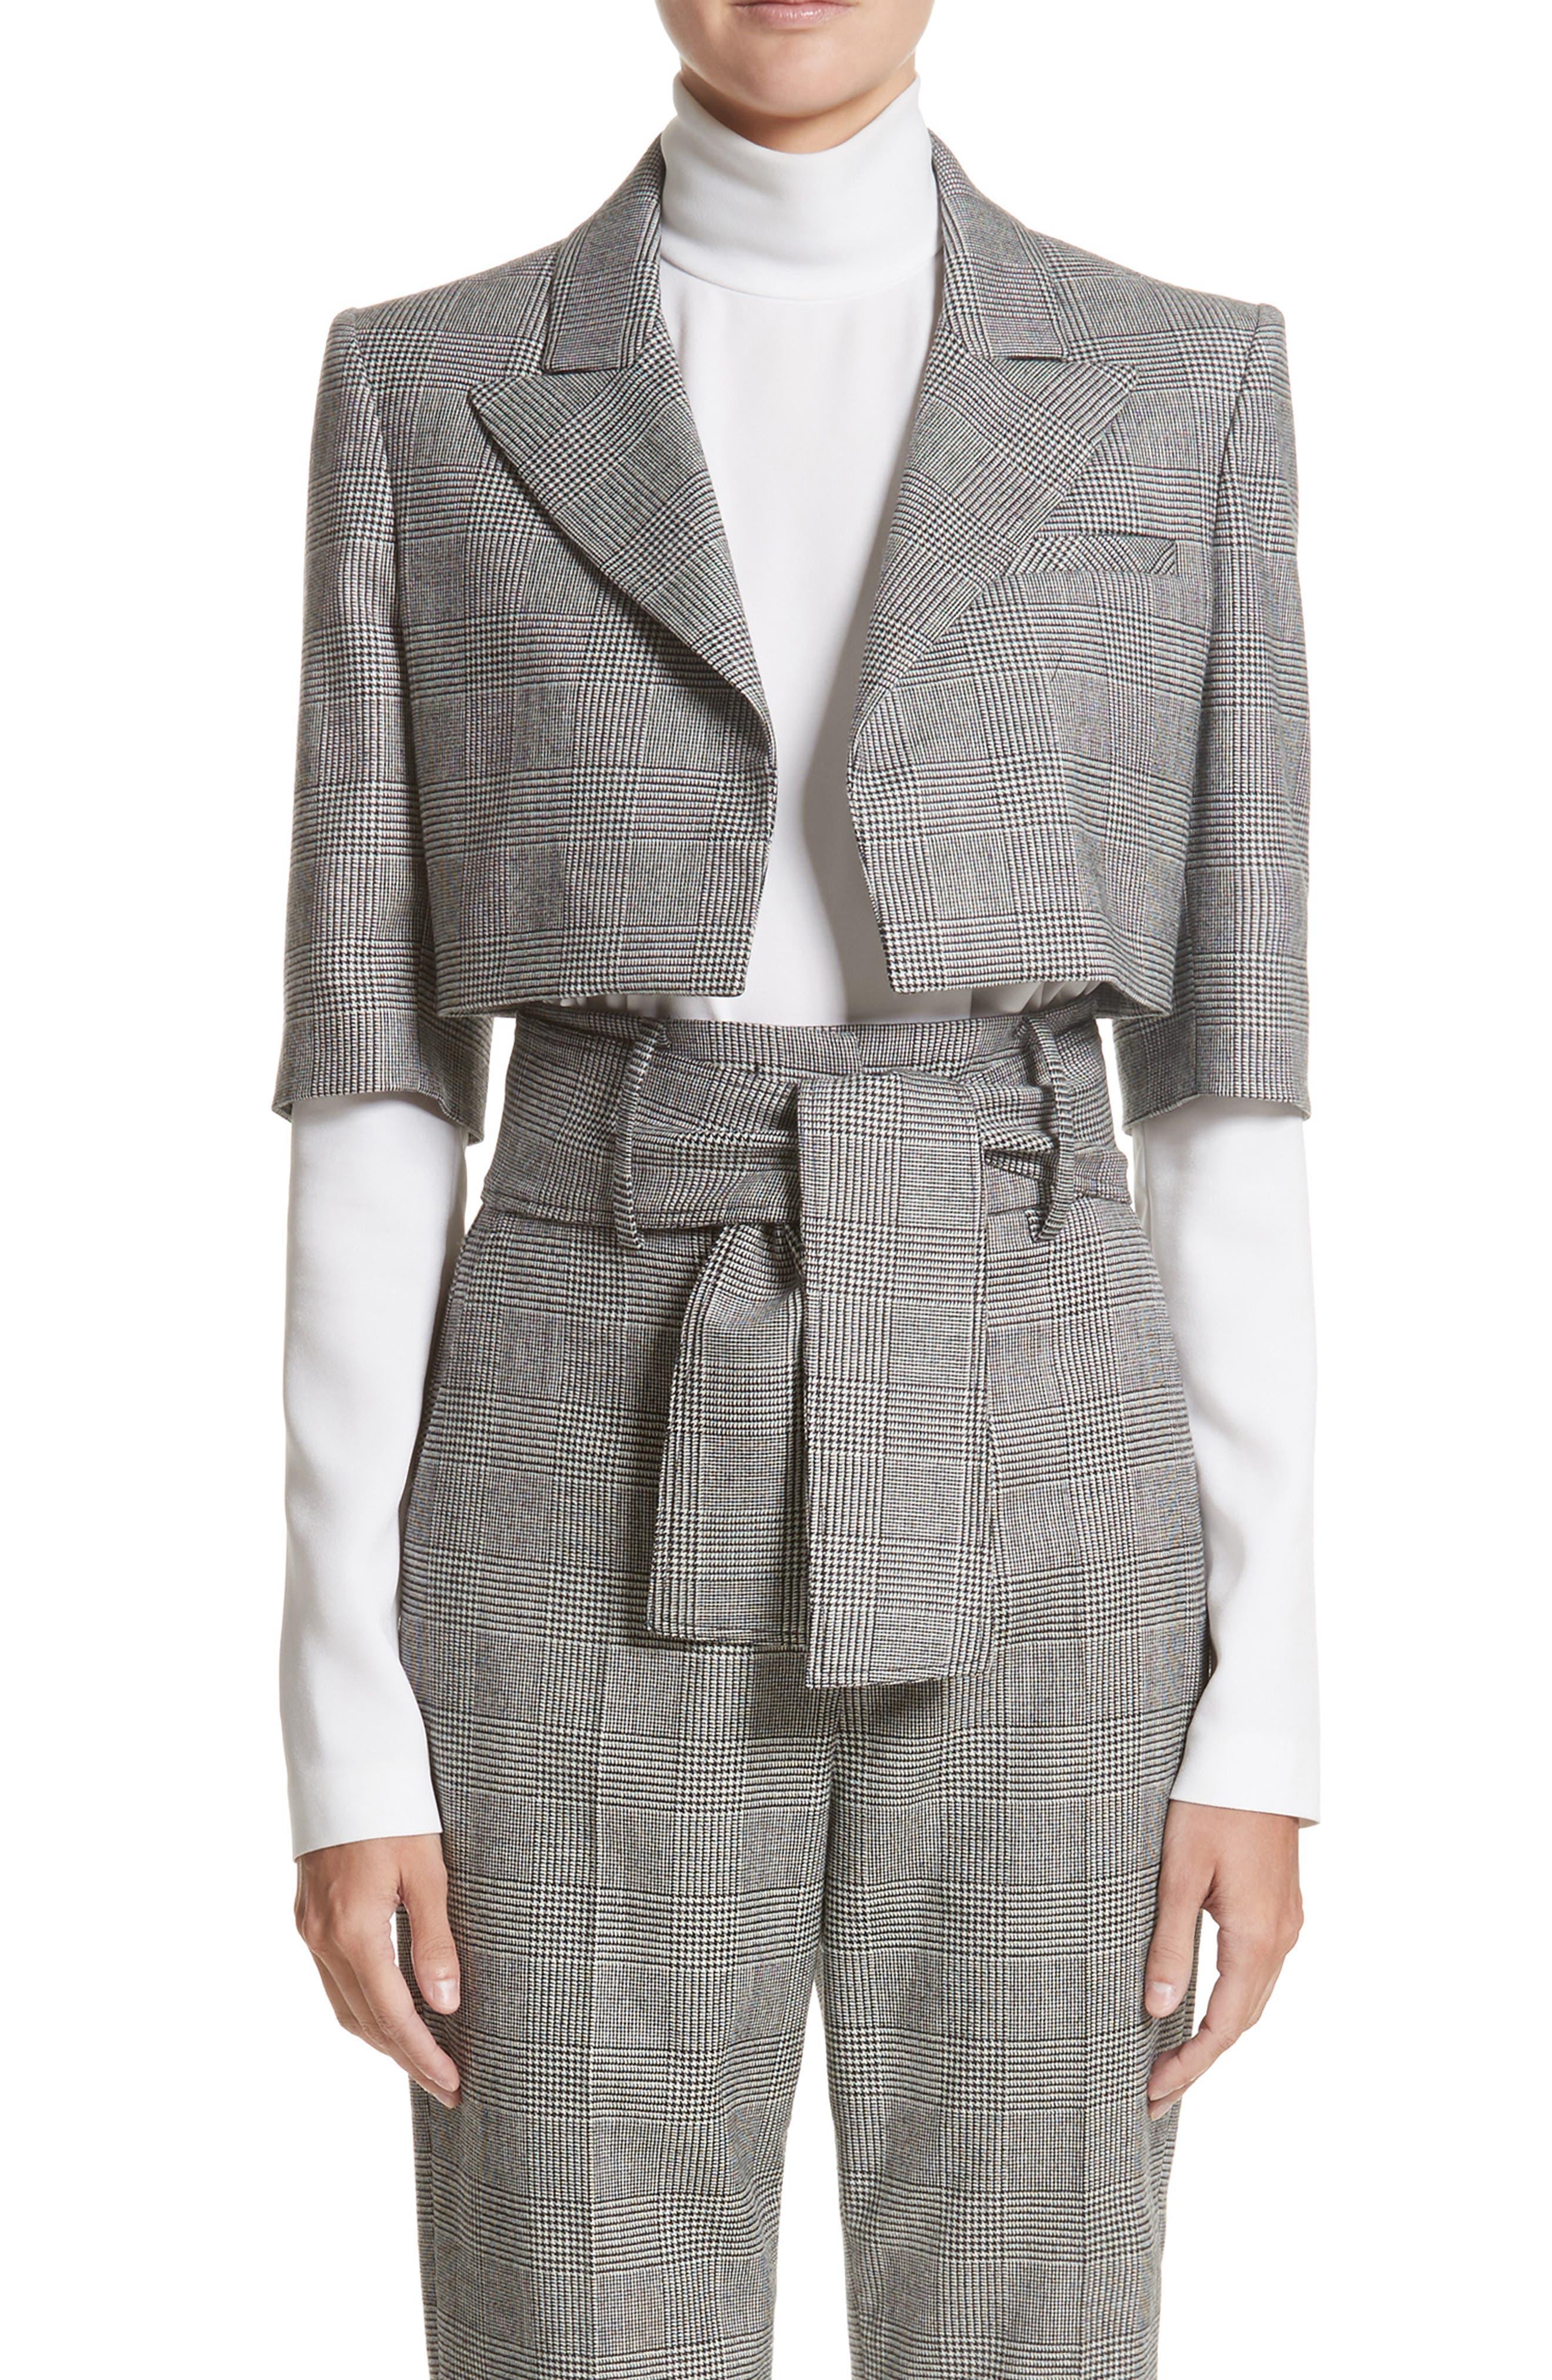 Glen Plaid Crop Jacket,                             Main thumbnail 1, color,                             Black/ White